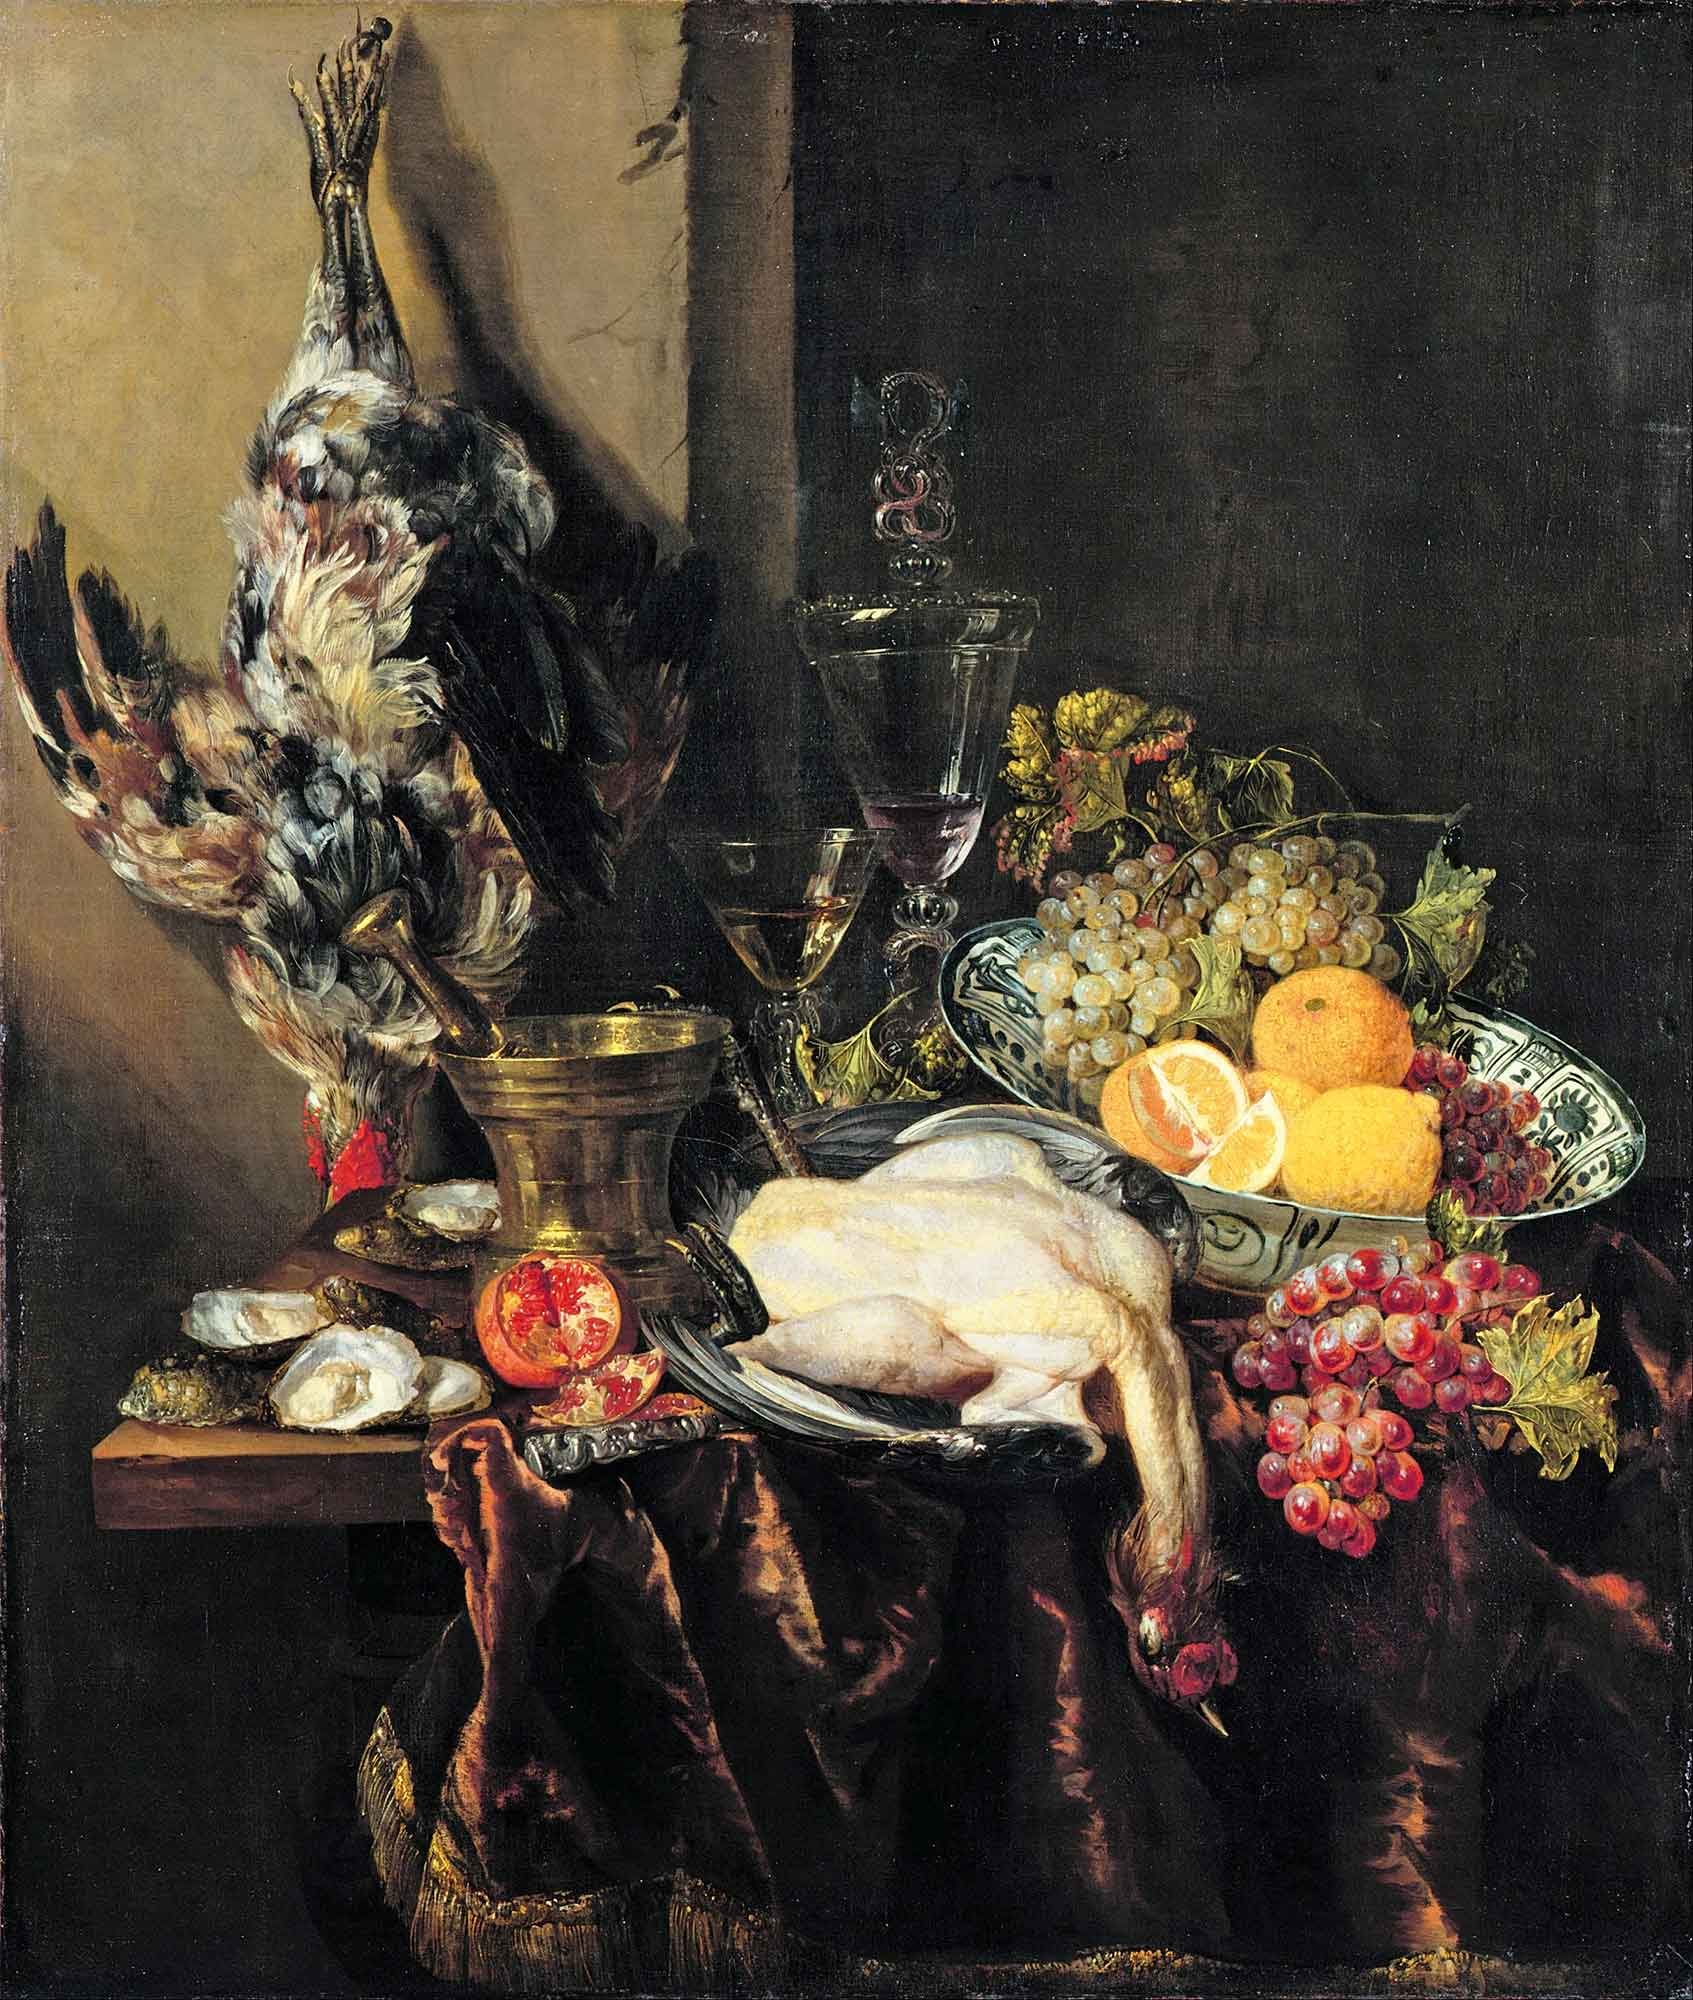 Abraham Hendrick van Beijeren Kümes Hayvanları ve Meyveler